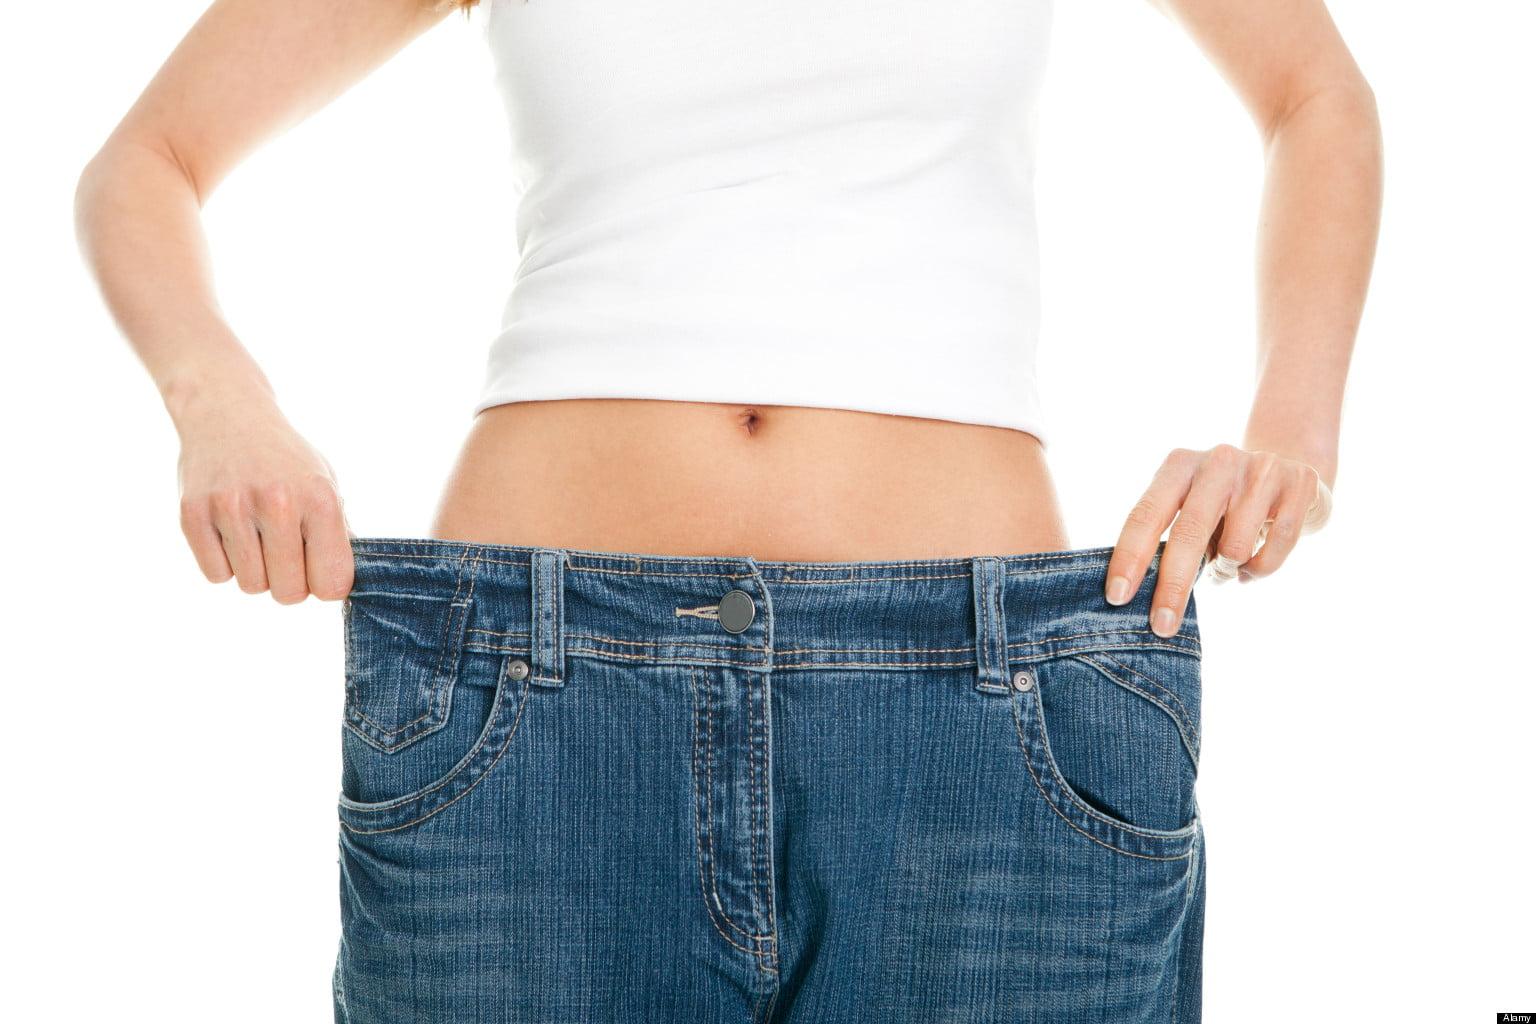 pierderea în greutate în misiunea SDD pierderea în greutate de 30 de kilograme de haley în 3 luni